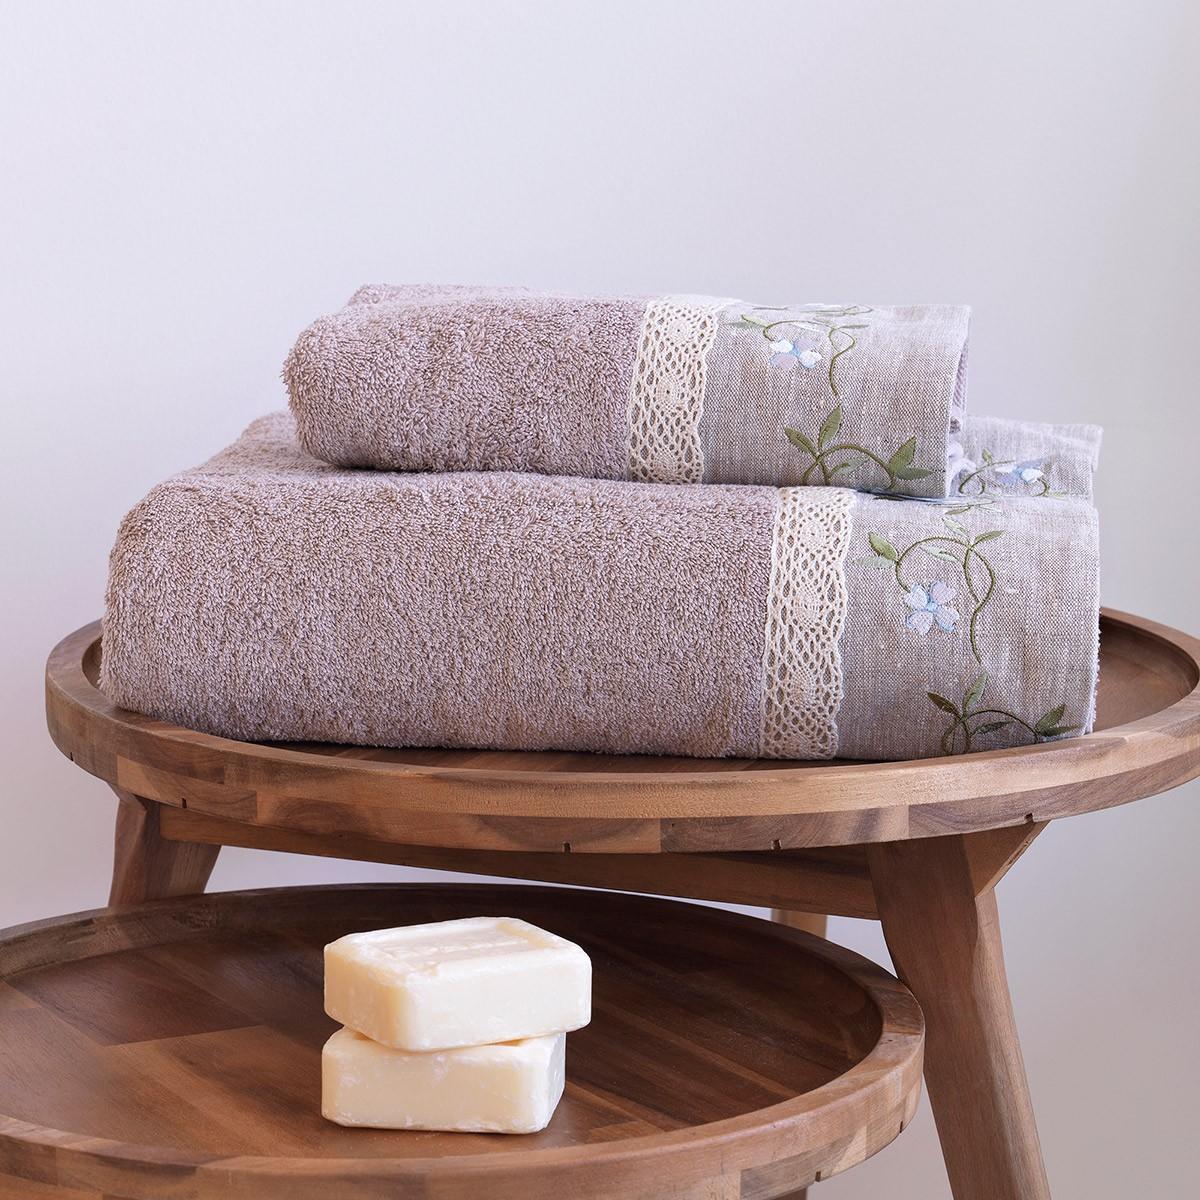 Πετσέτες Μπάνιου (Σετ 2τμχ) Sb Home Garland Taupe